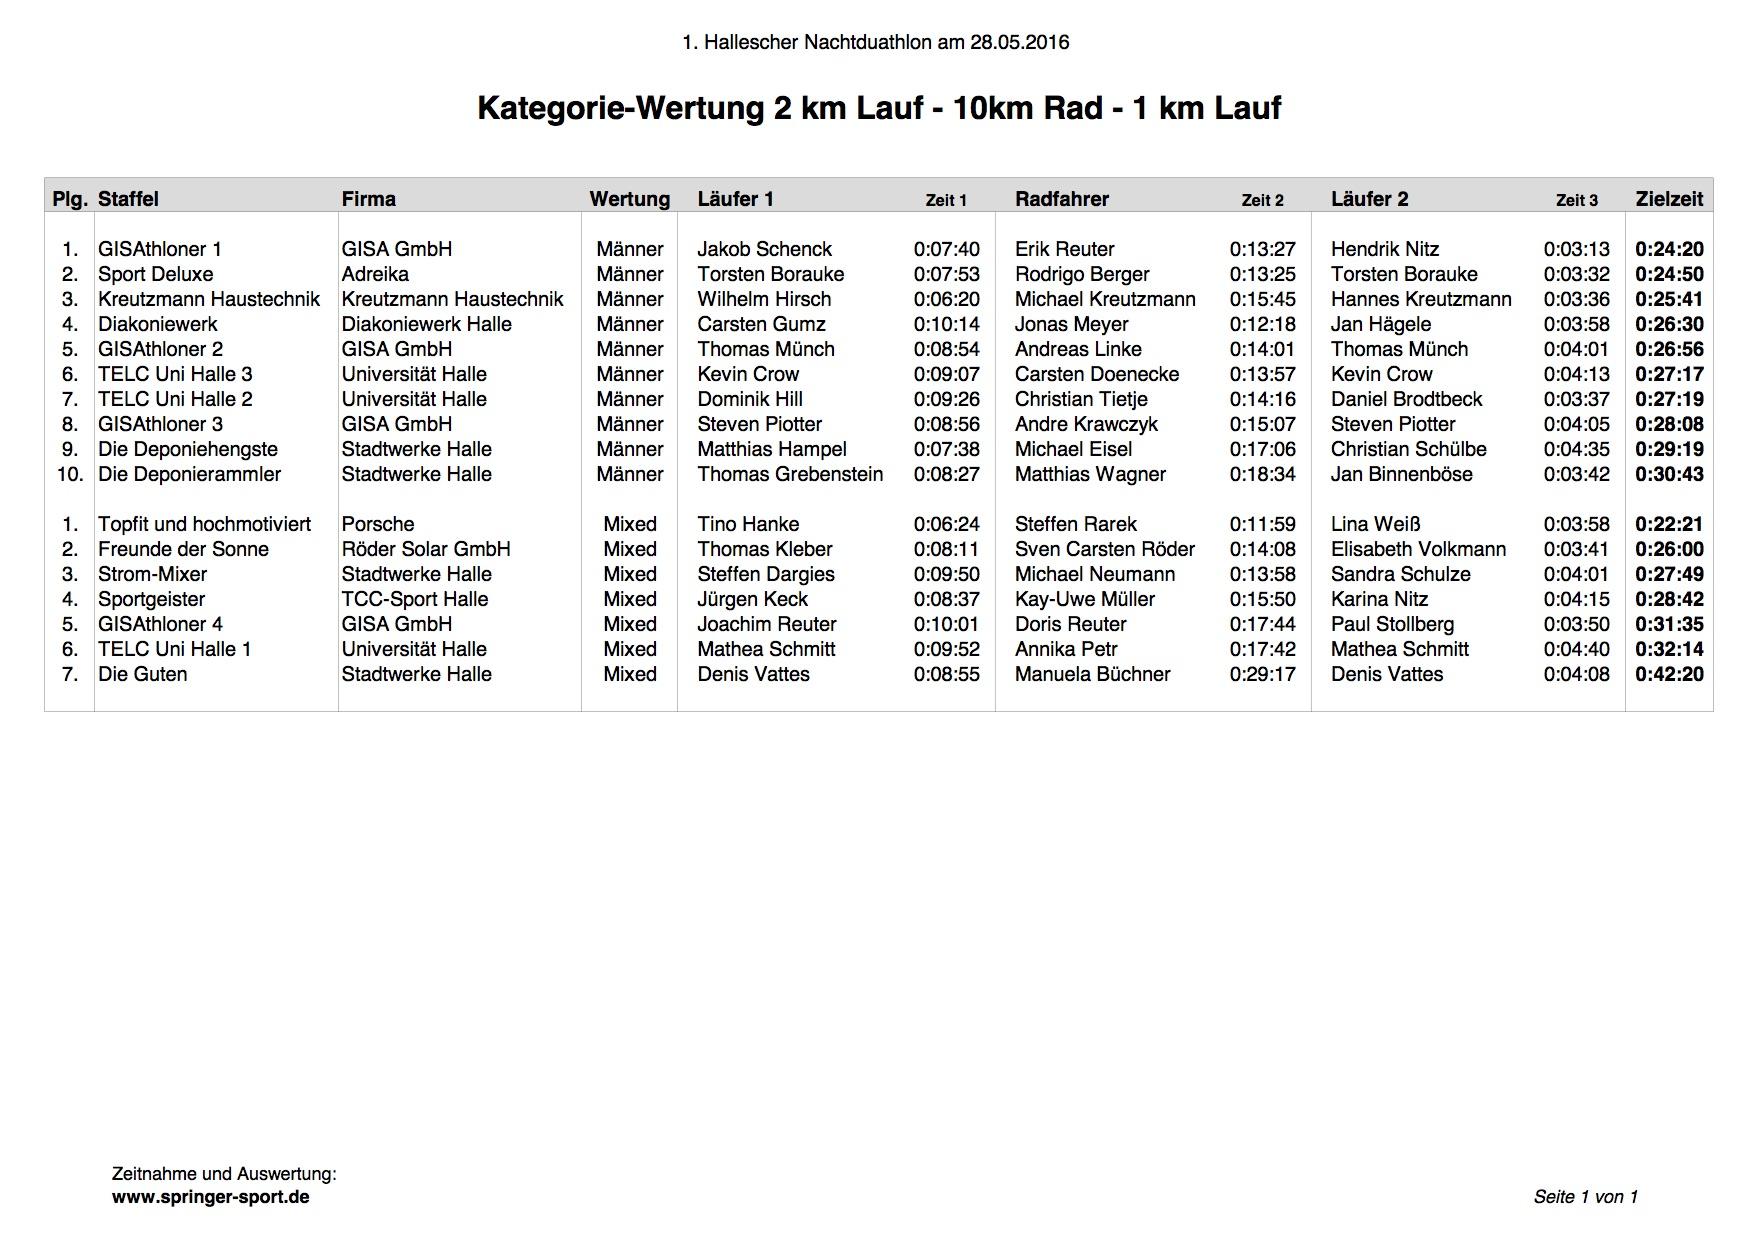 1_Ergebnisse Nachduathlon Halle 2016